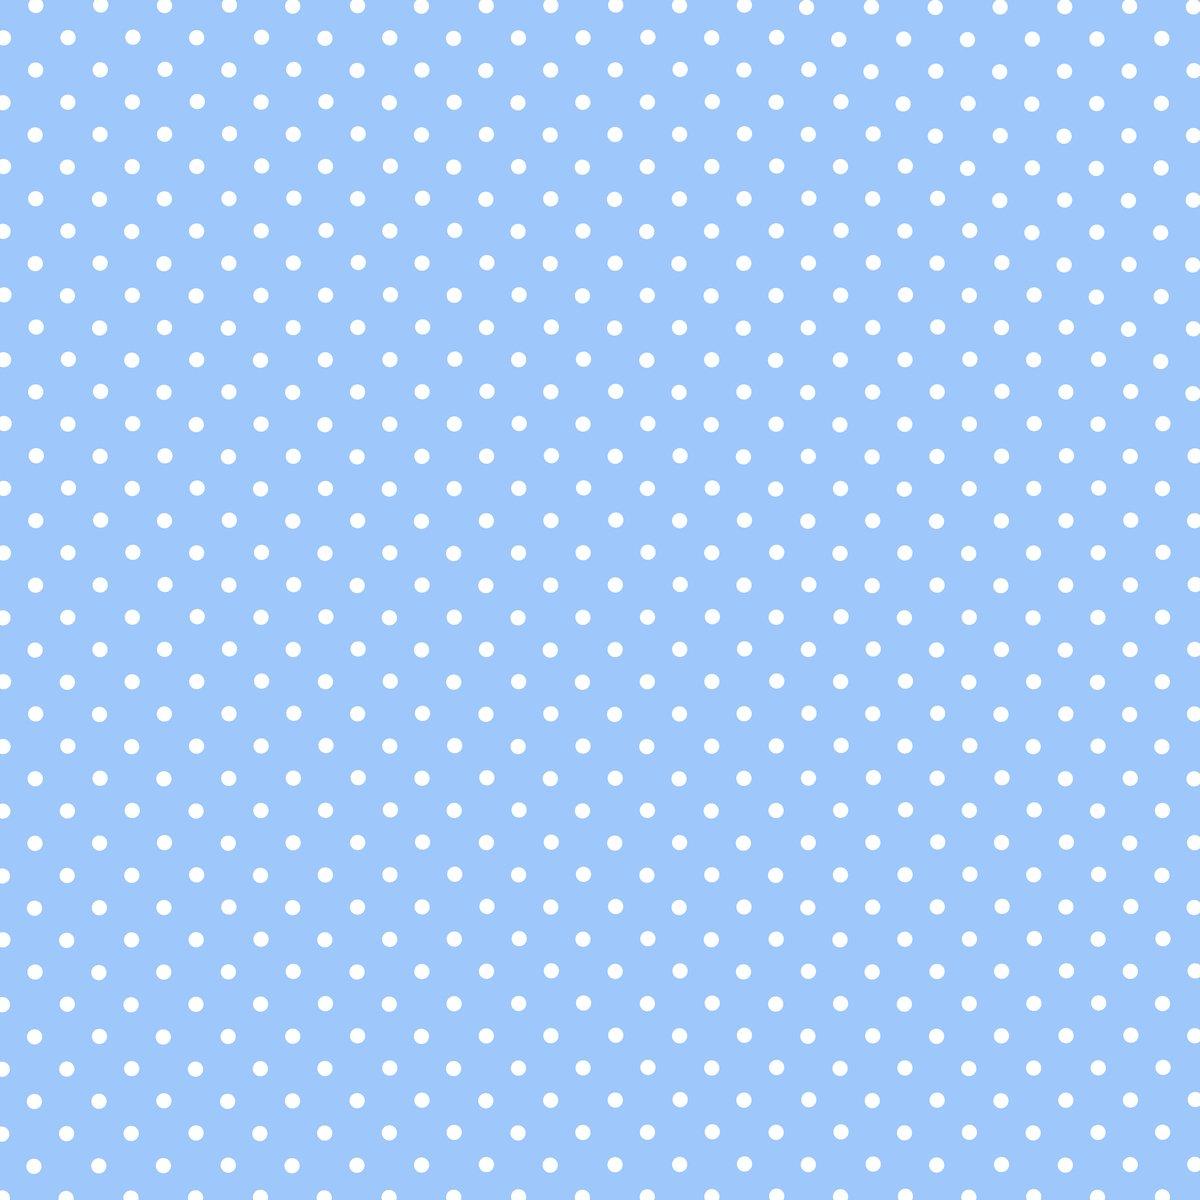 Light blue pattern background